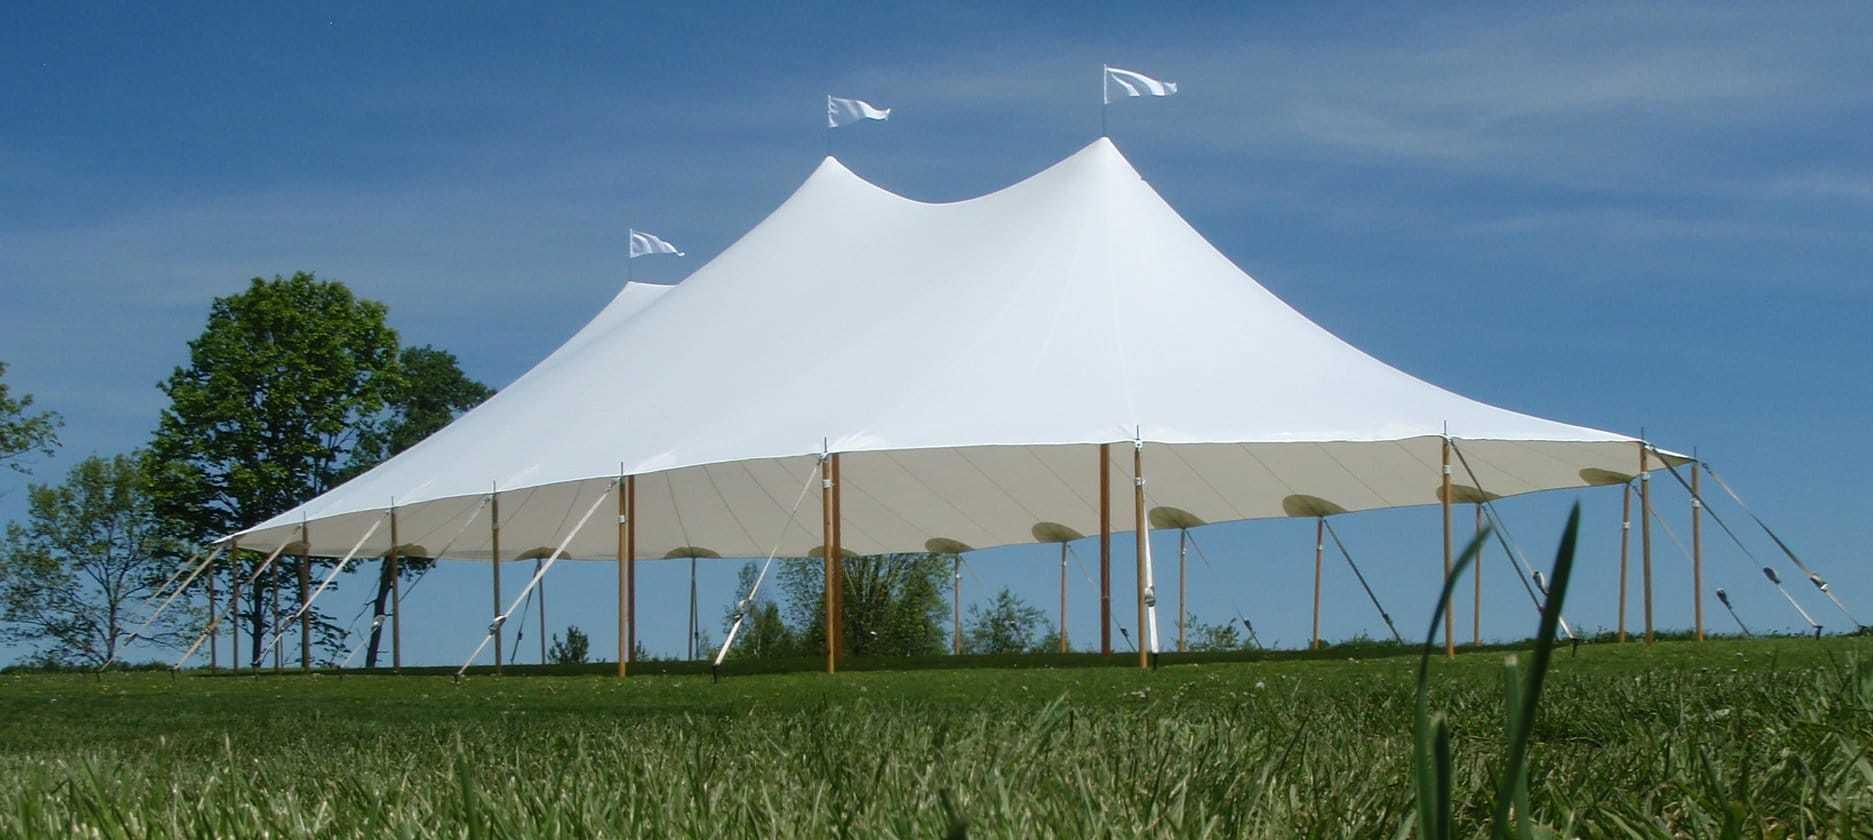 32′×60′ Sailcloth Tent